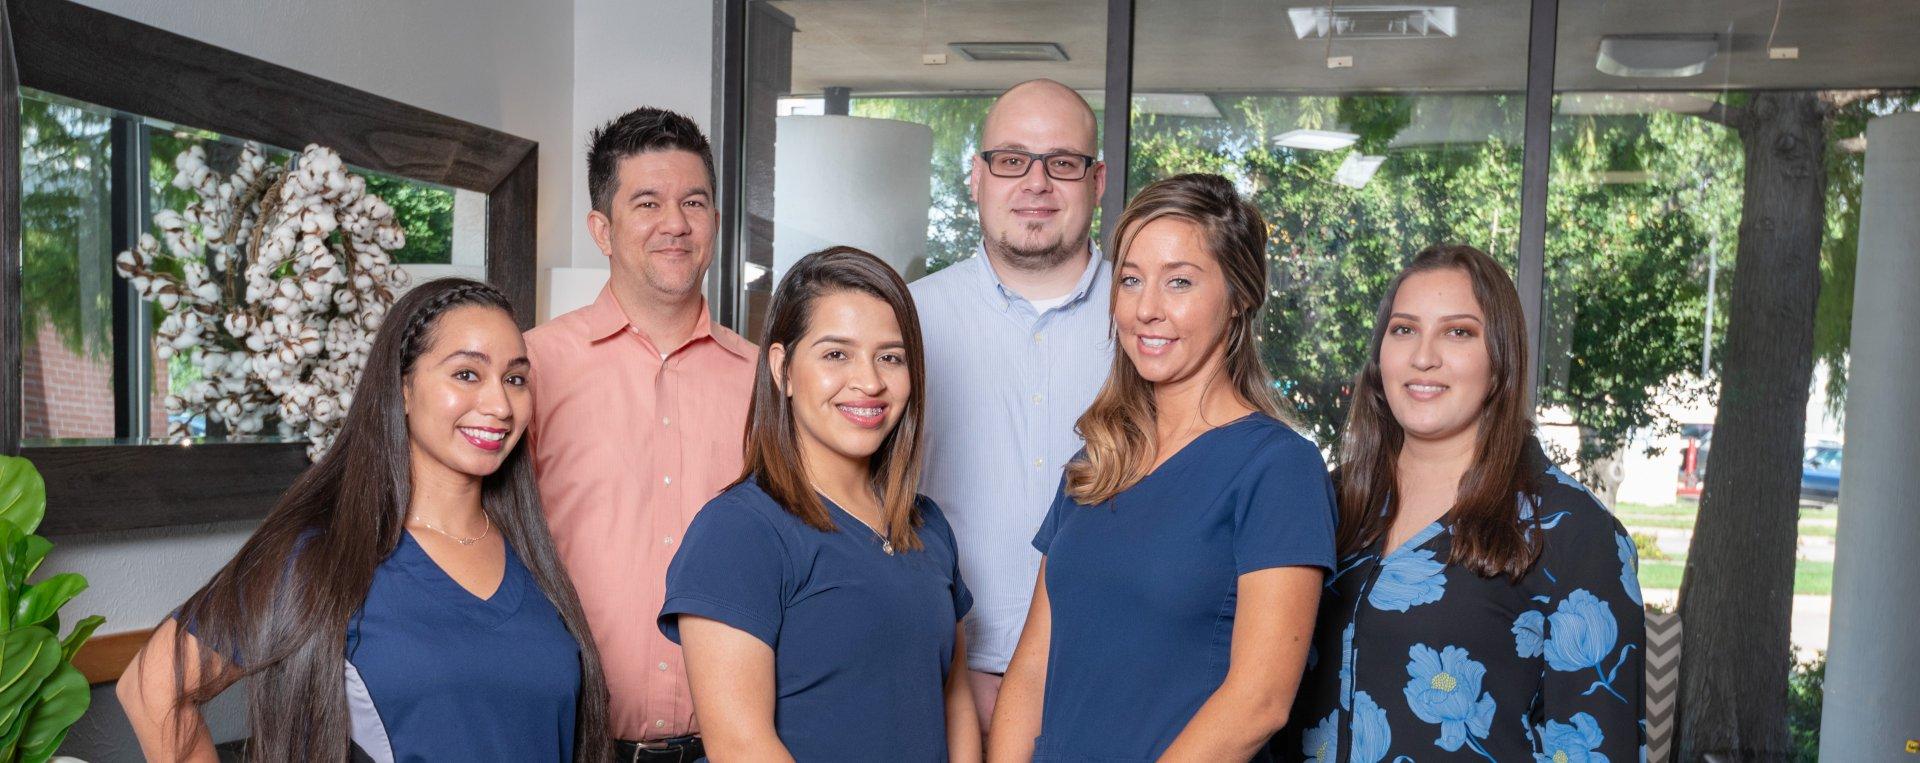 Summer Dental Norman Team